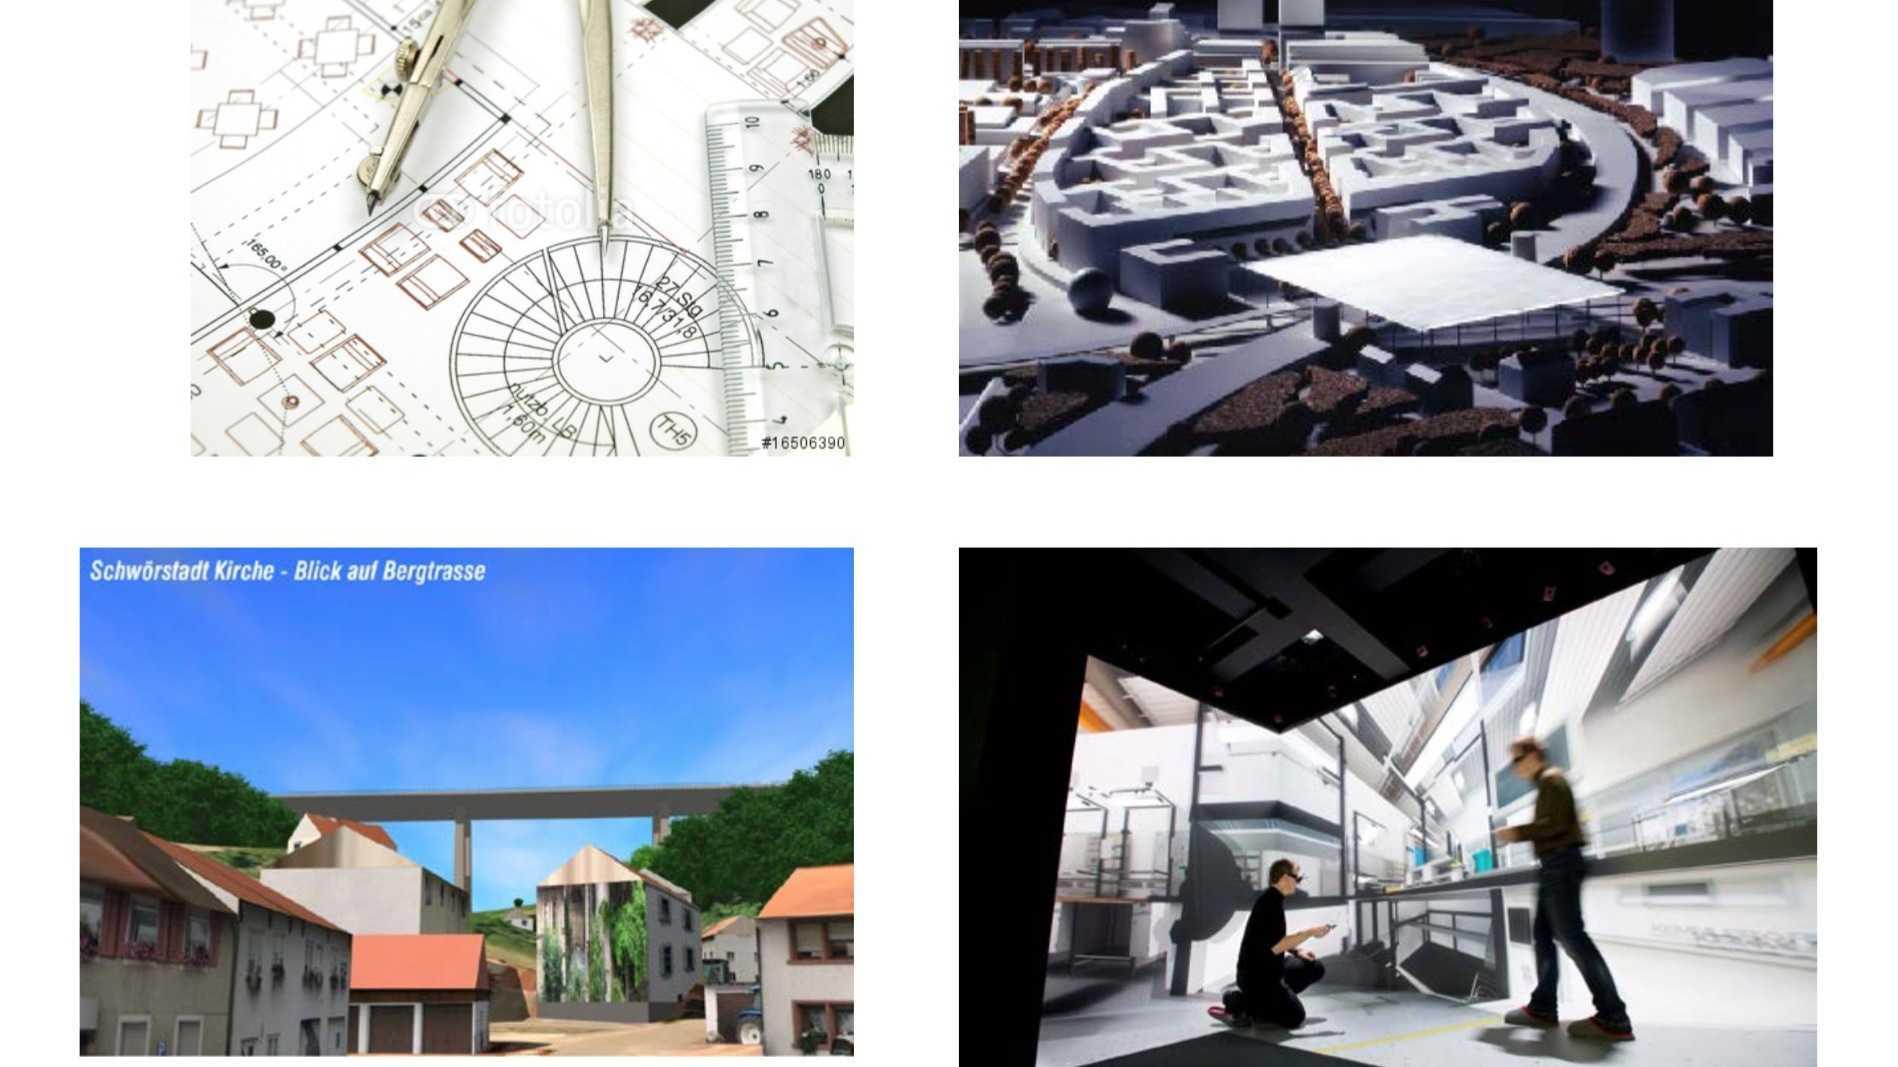 Stuttgarter Forscher wollen Bürgerbeteiligung mit Technik erleichtern